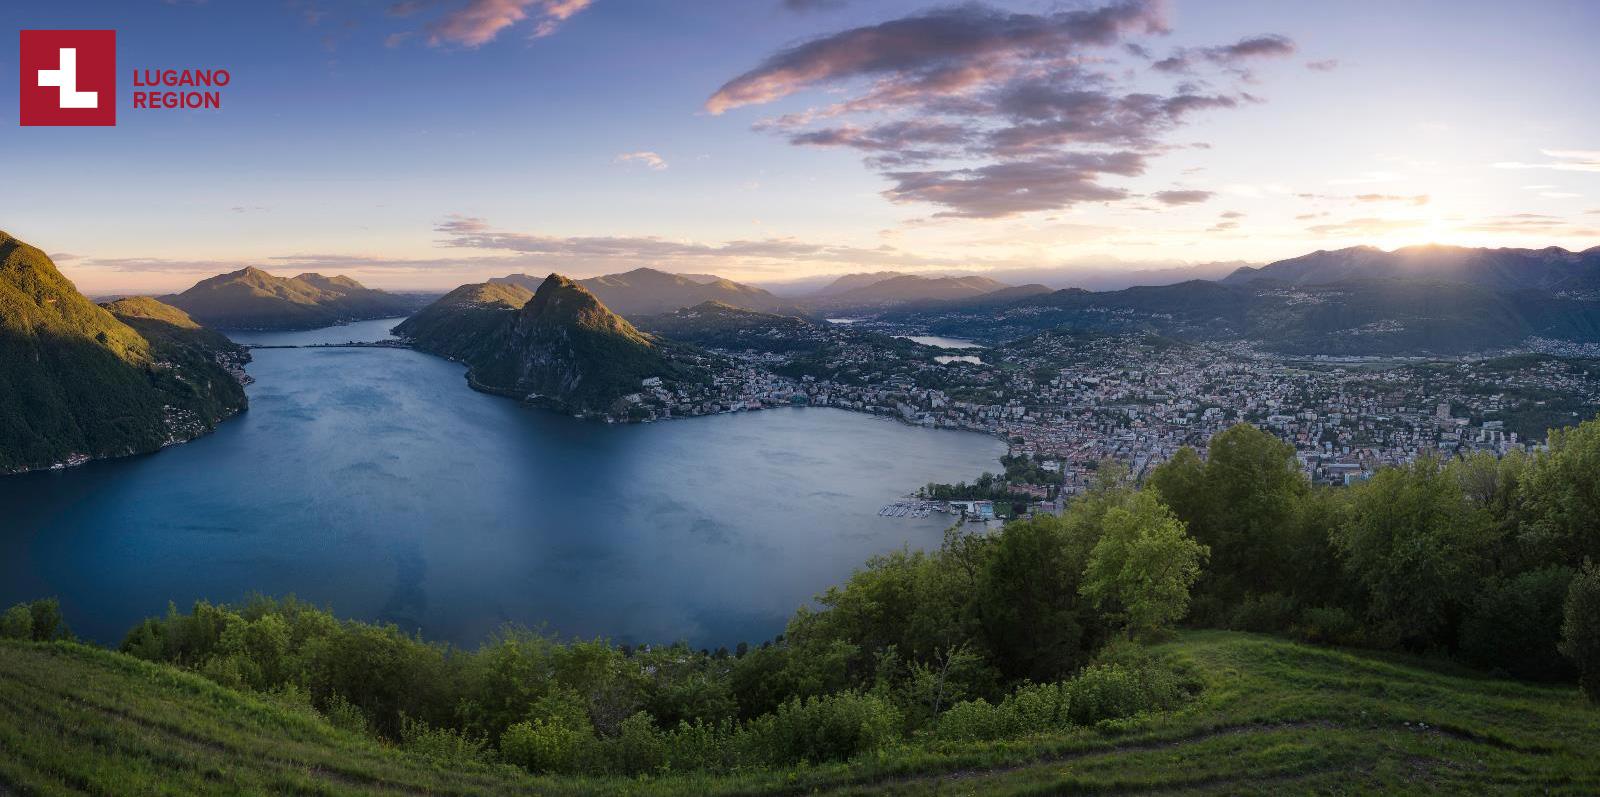 Lugano-Region Salone delle Vacanze